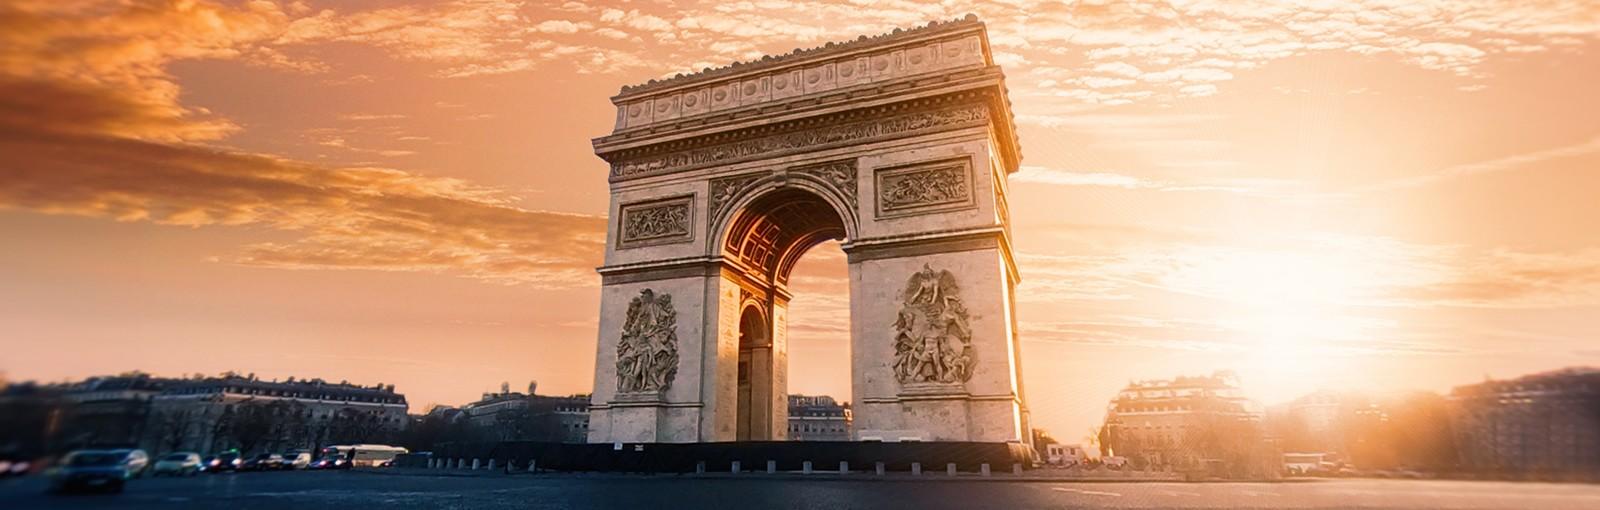 Tours Paris Package with 2 hotel nights - Paris Packages - Paris Tours